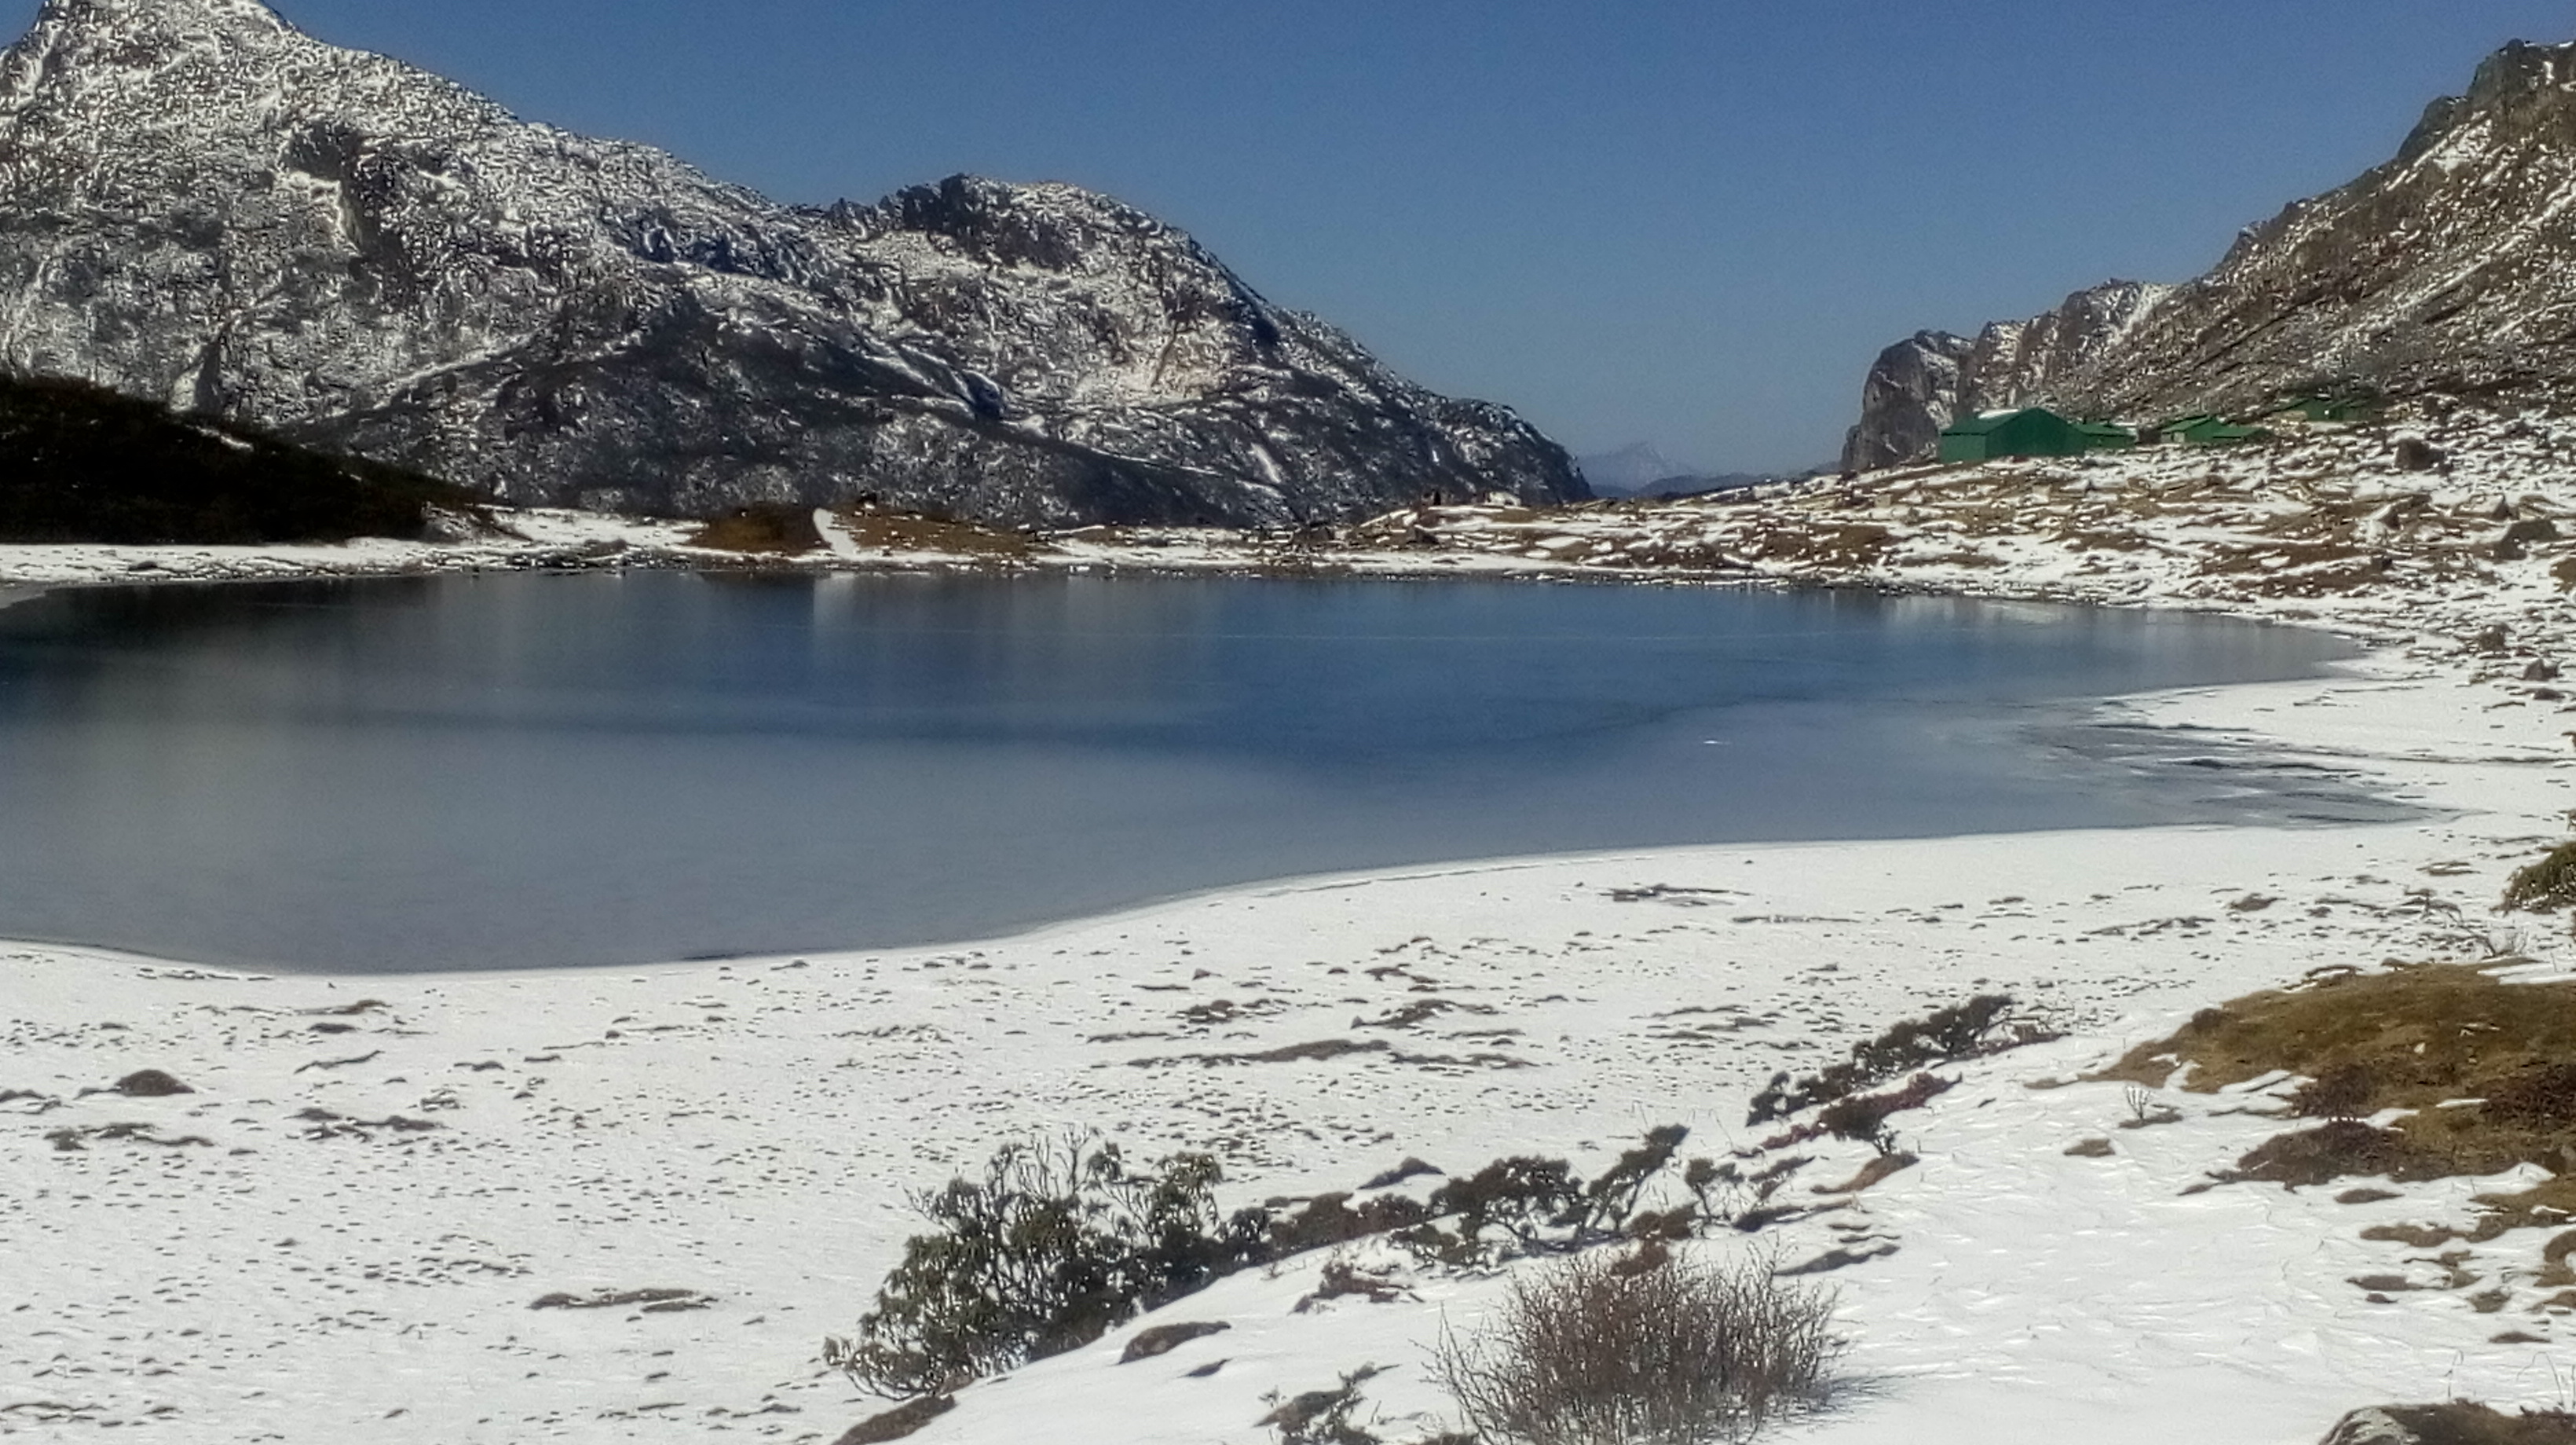 Banggachhang Lake